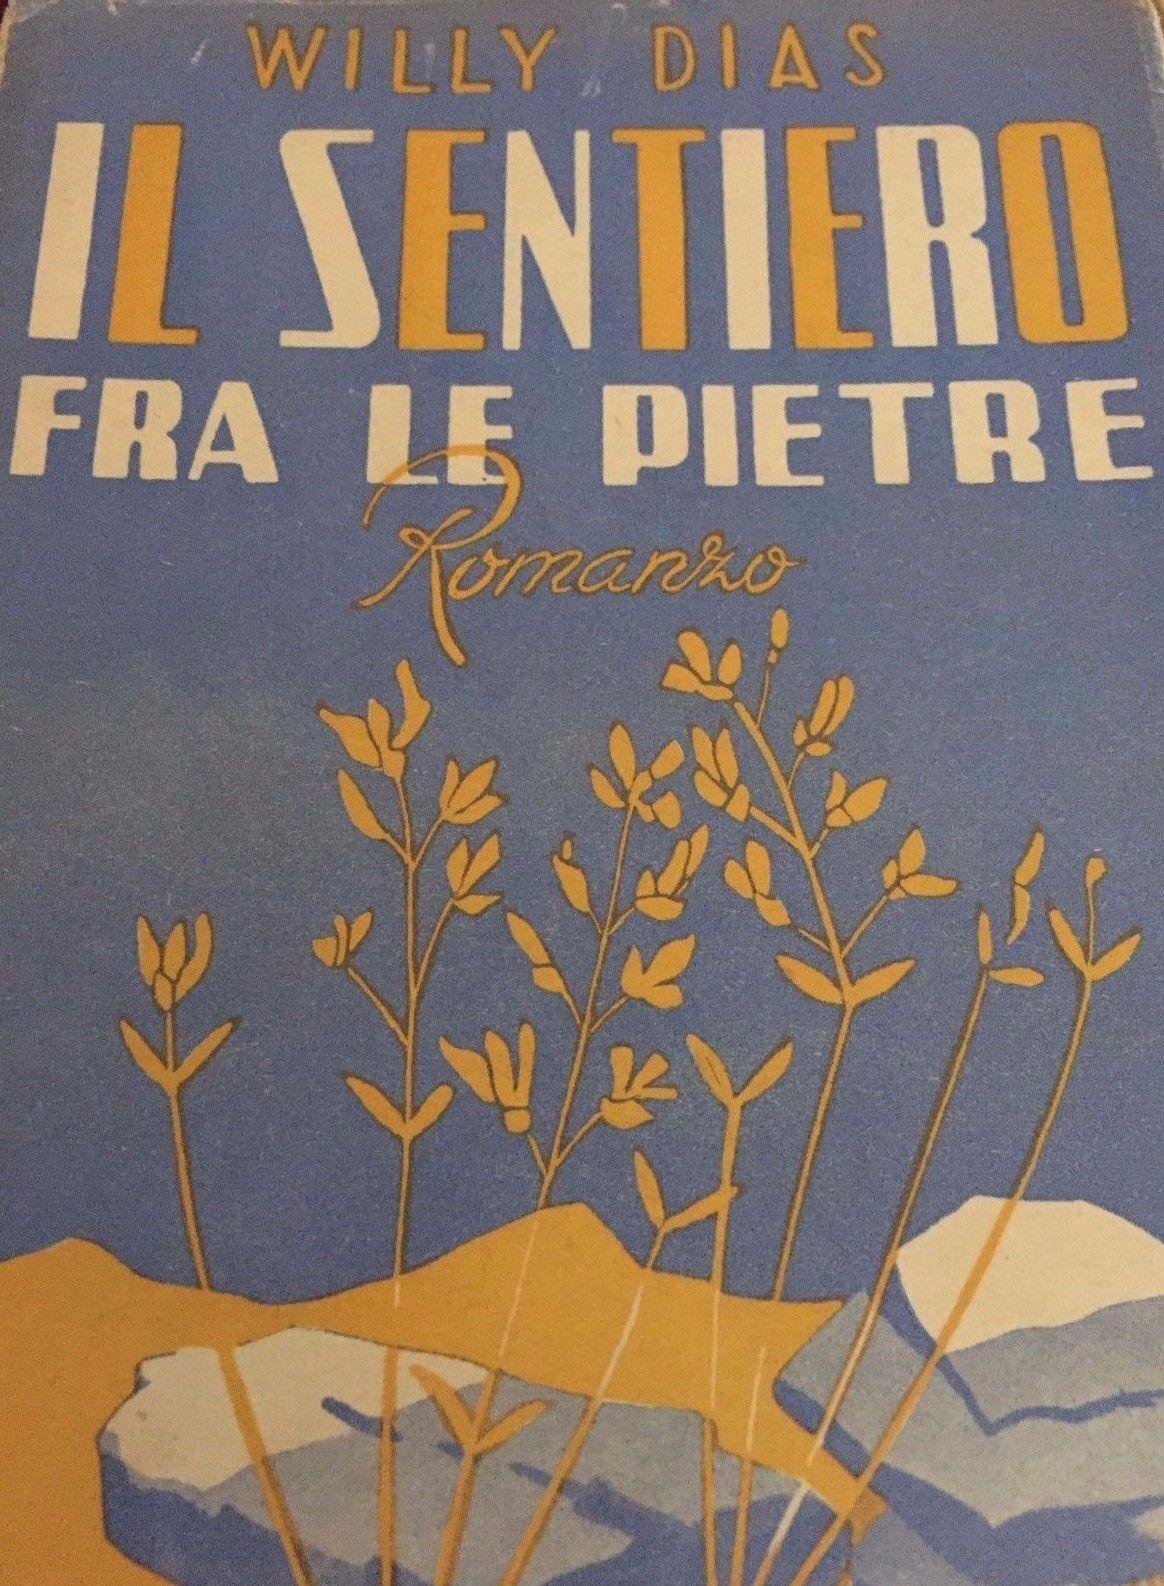 Immagine 1 - WILLY DIAS- IL SENTIERO FRA LE PIETRE 1946